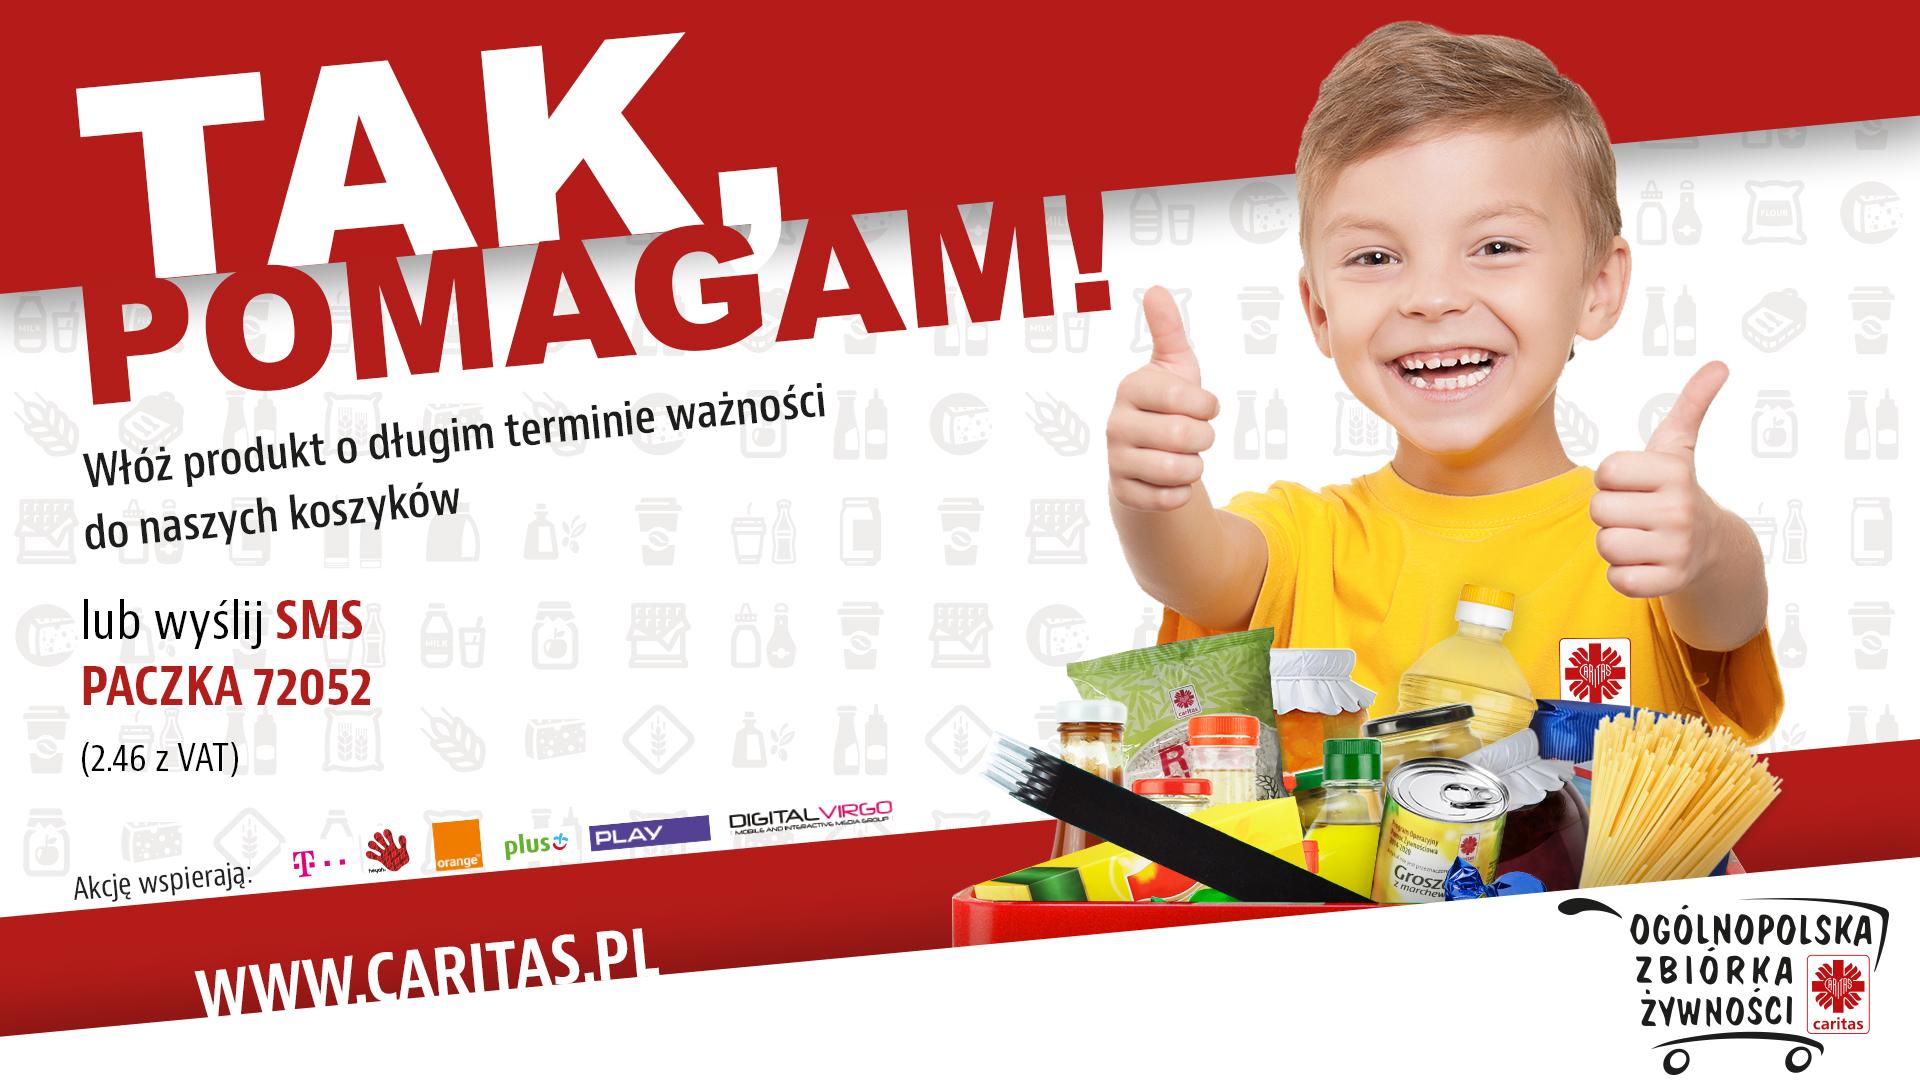 zbiorka_zywnosci_1920x1080